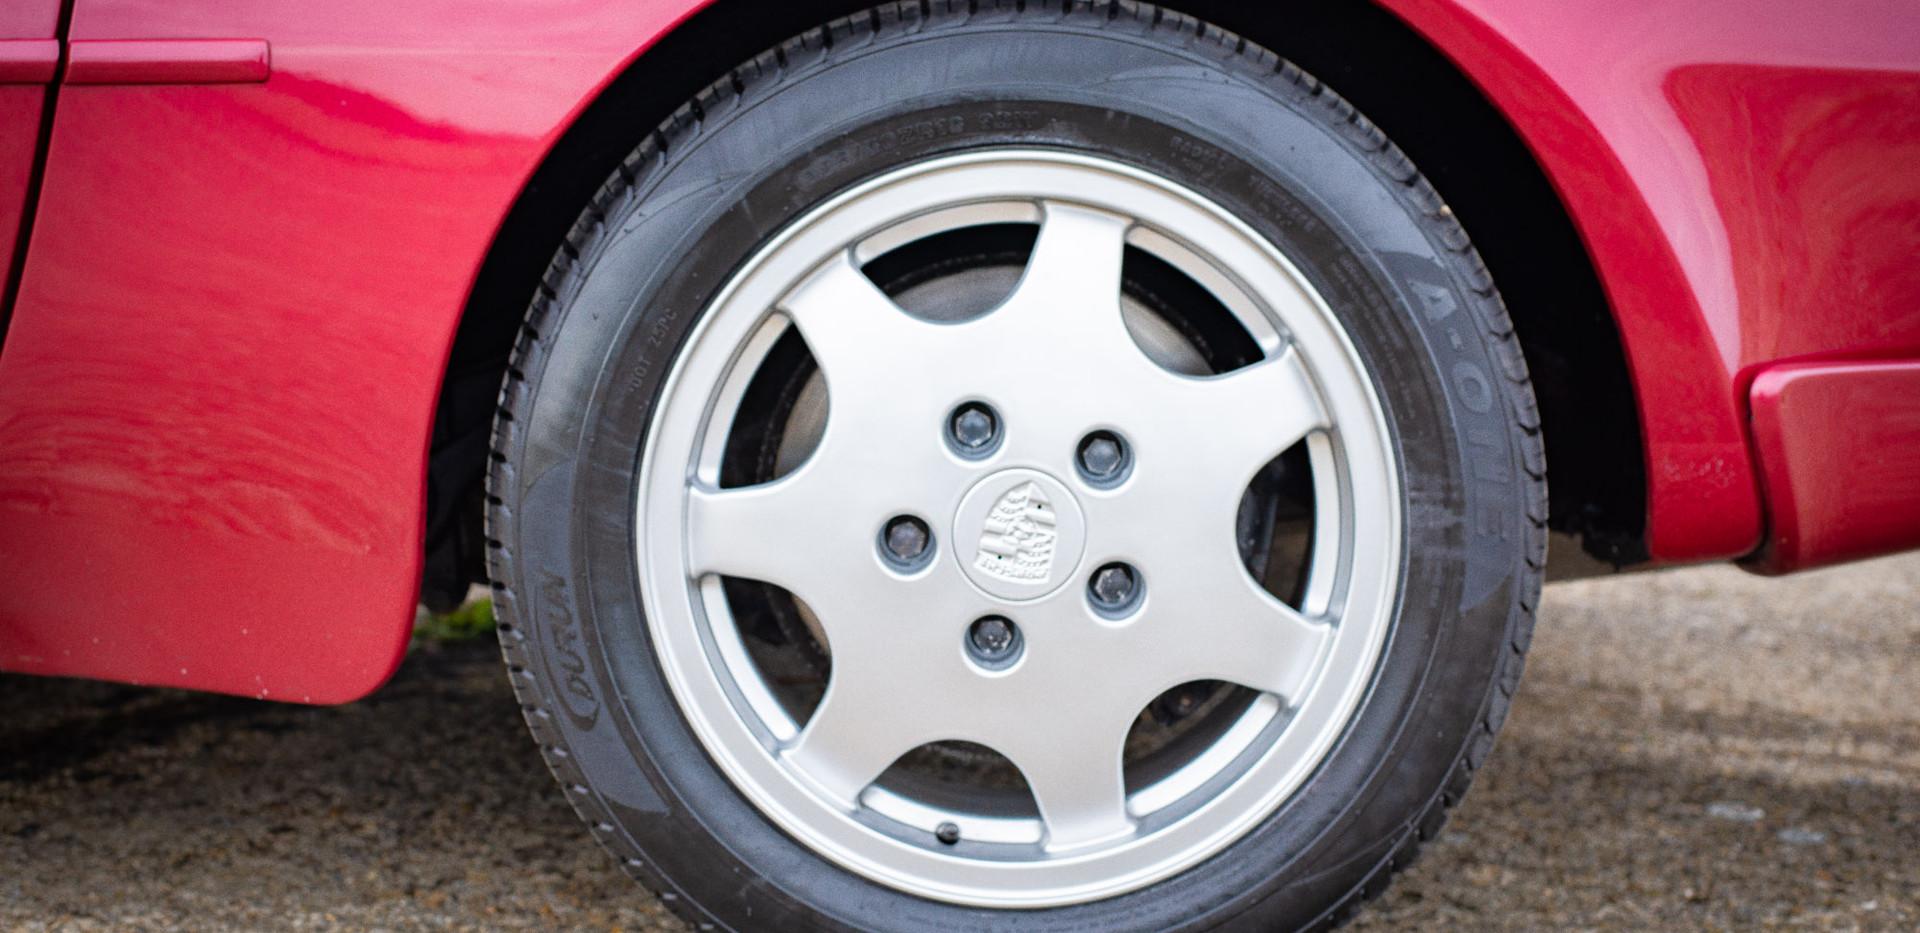 Porsche 944S For Sale UK London-22.jpg